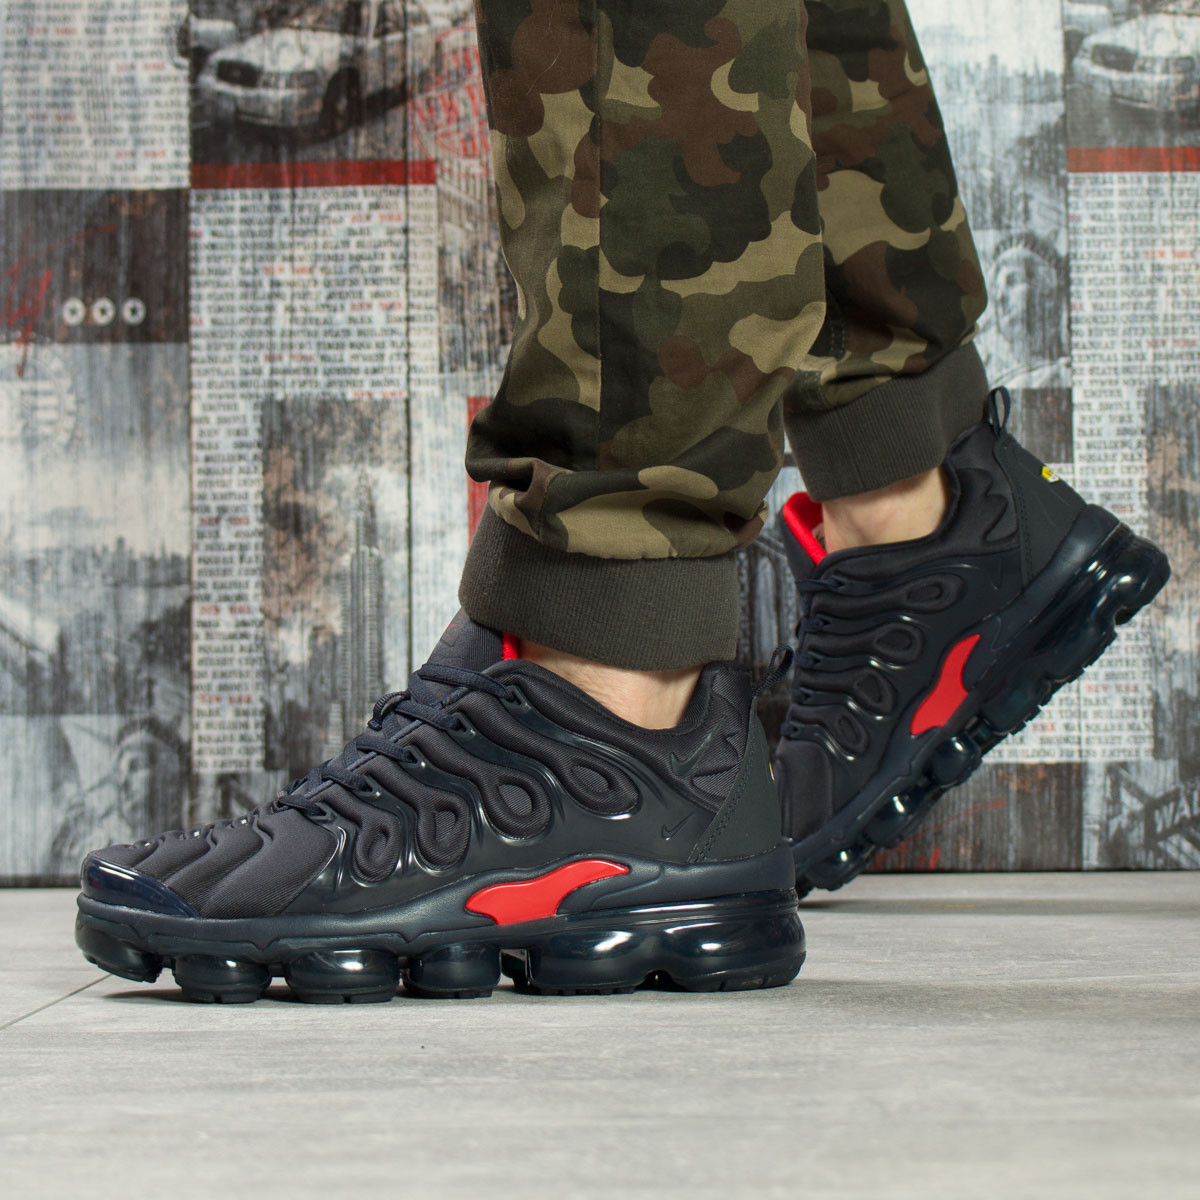 Кроссовки мужские 16043, Nike Vm Air, темно-синие, < 41 43 45 46 > р.41-26,0